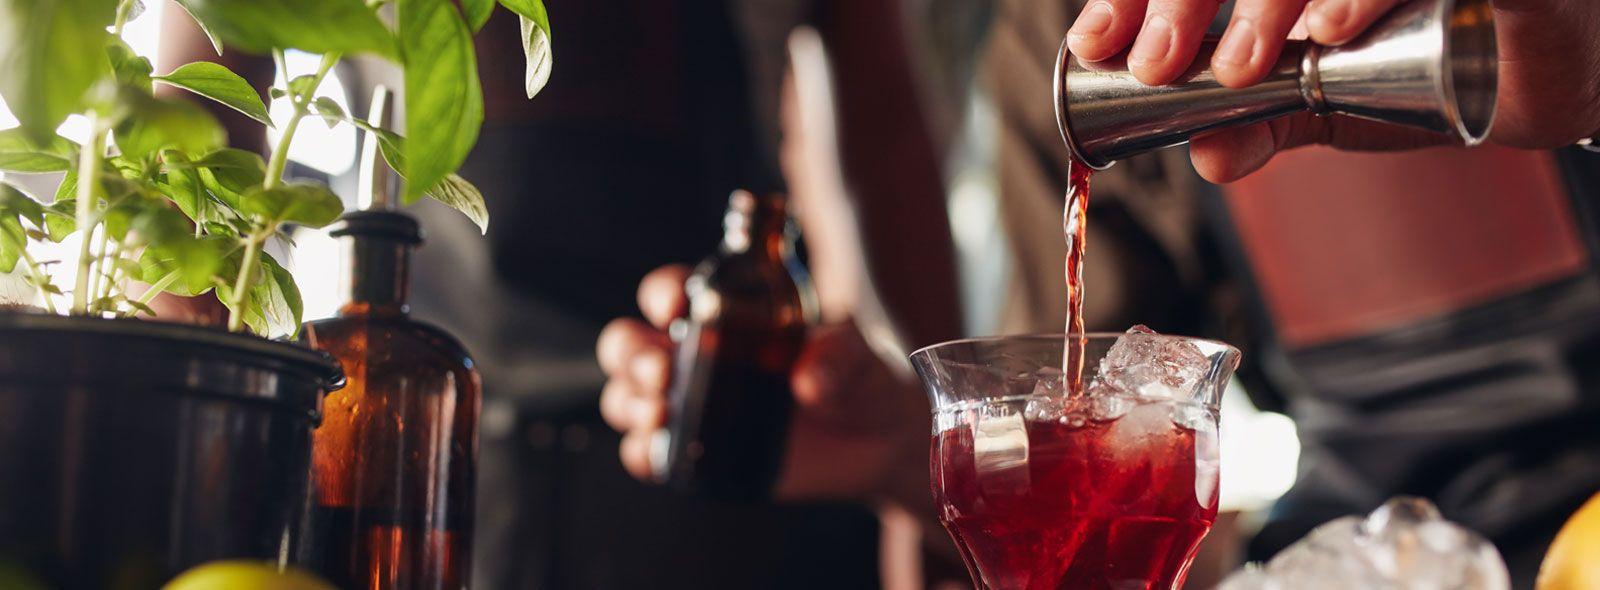 Come diventare barman